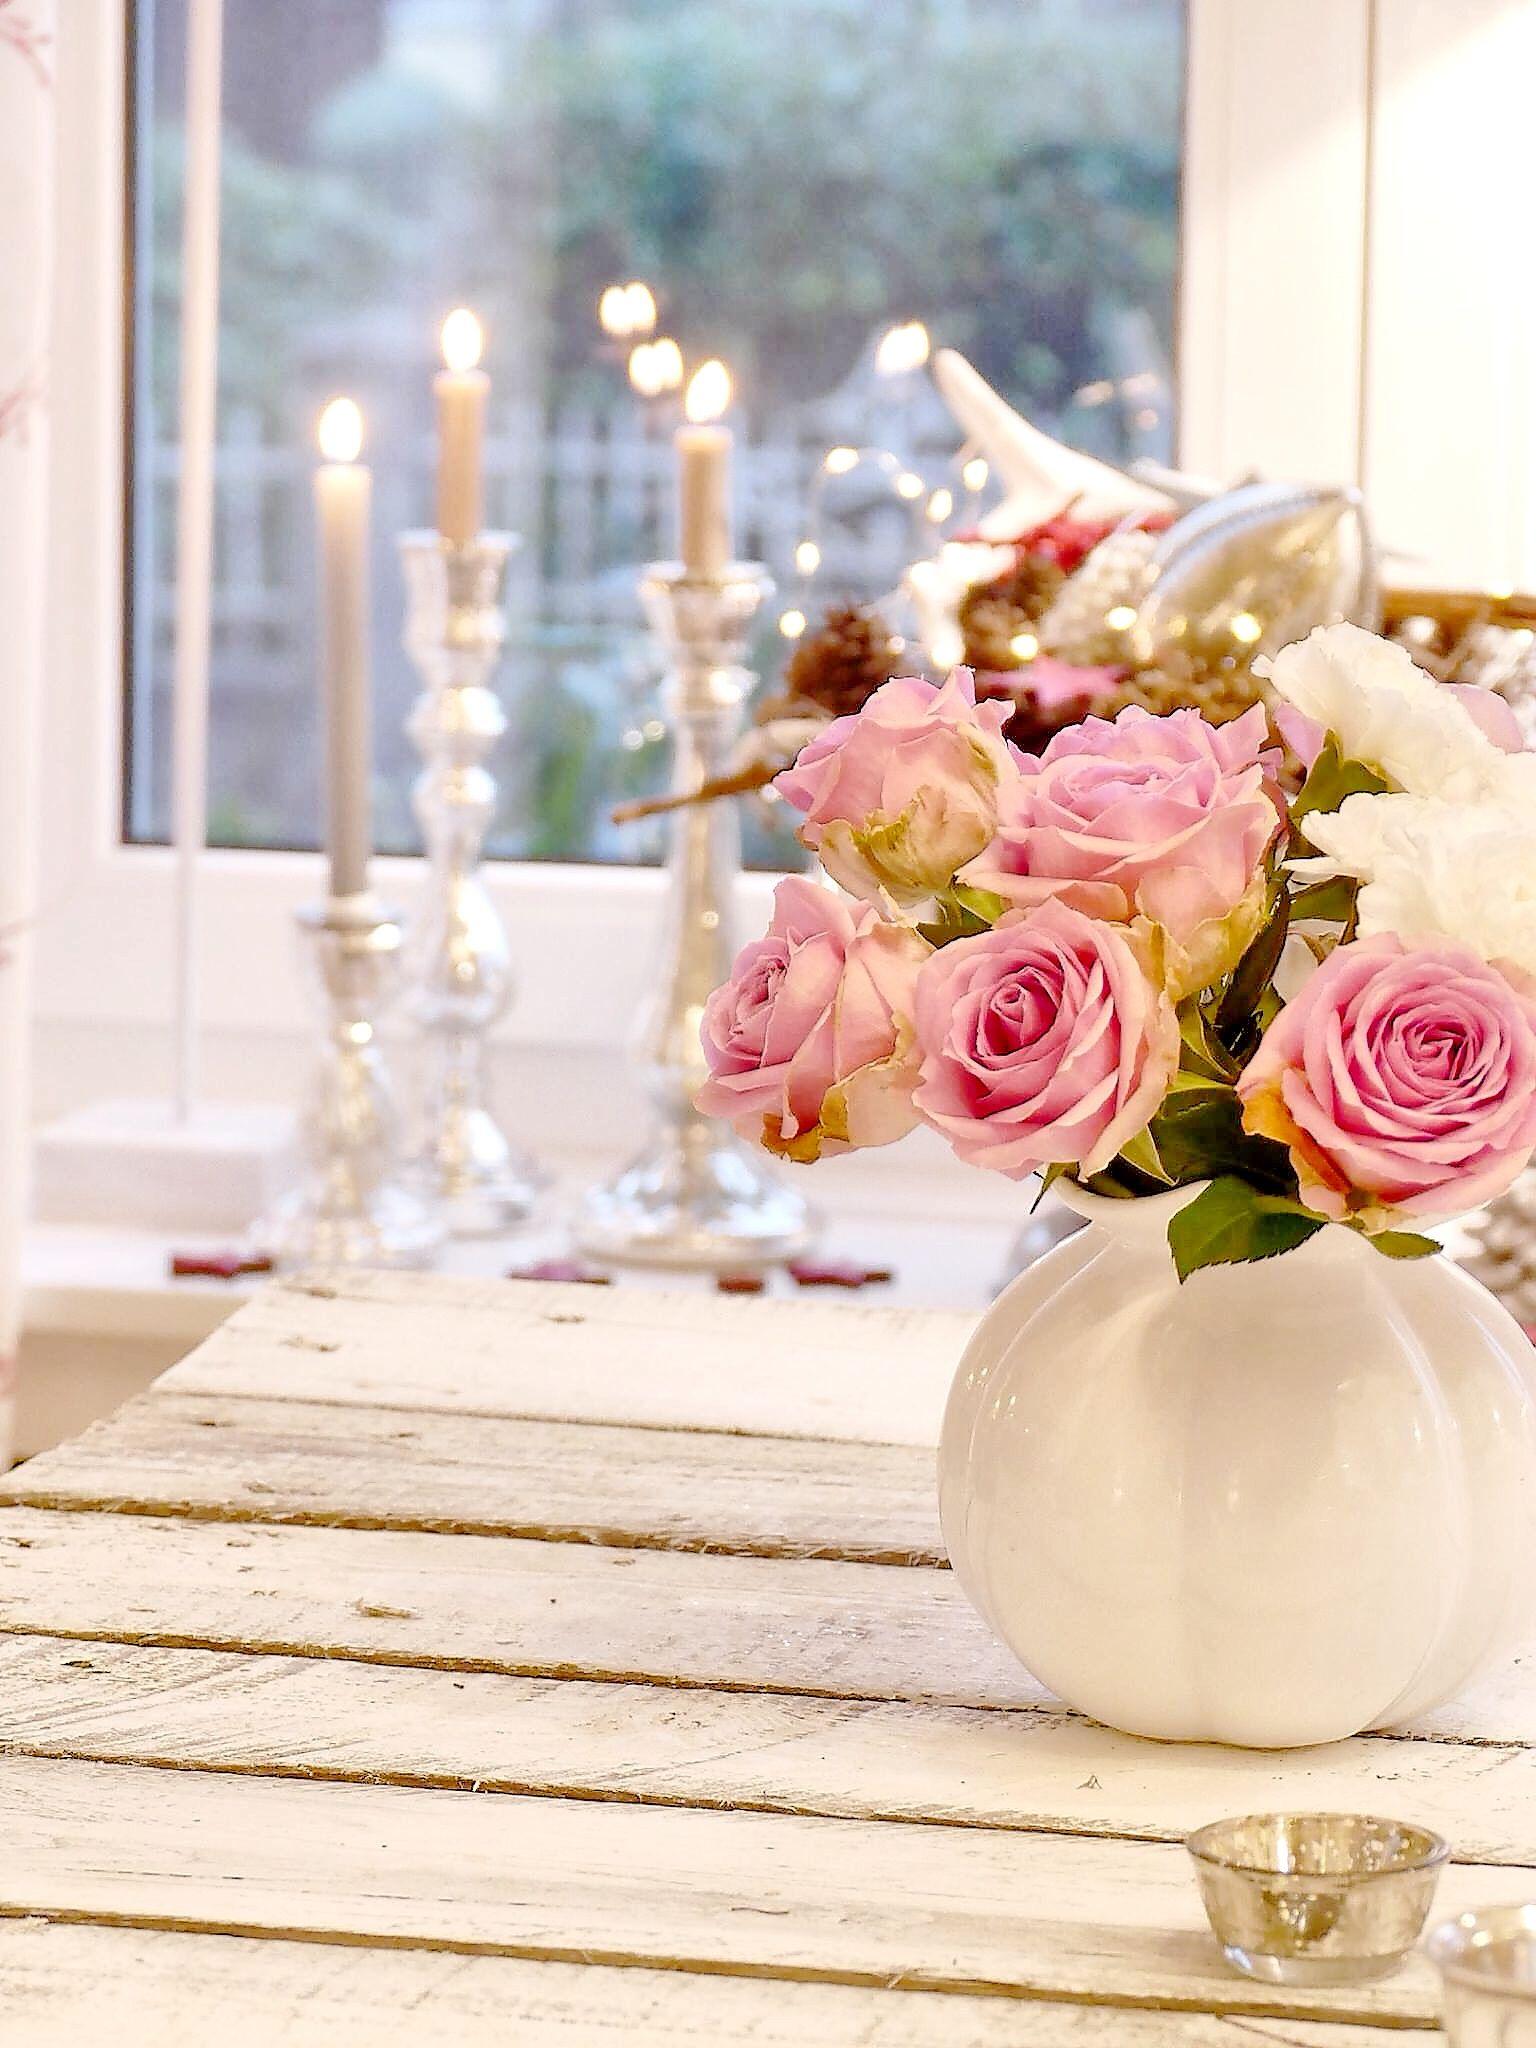 Xsmas#Weihnachten#rosen#deko#kerzen | Atiwares | Rose und Home